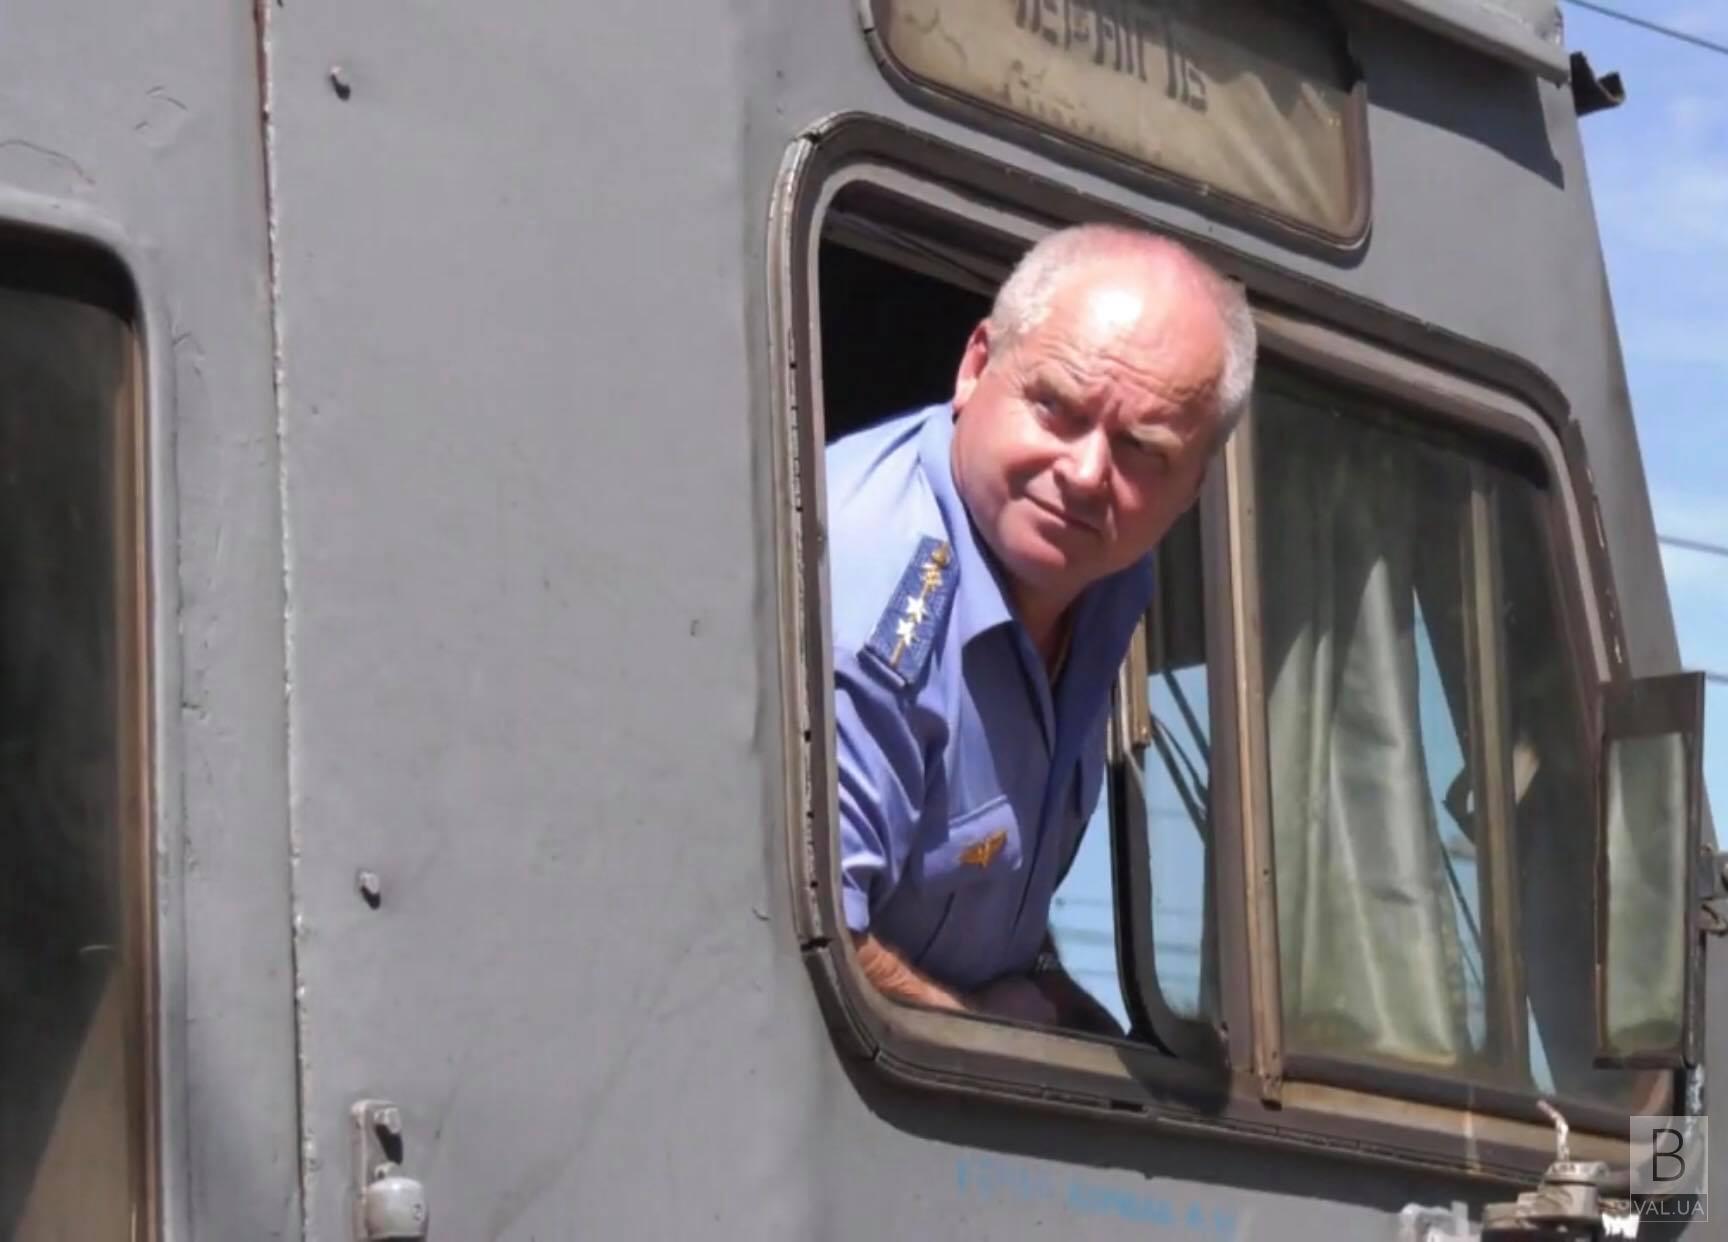 Оркестр та море квітів: як у Чернігові проводжали машиніста потяга на пенсію? ВІДЕО